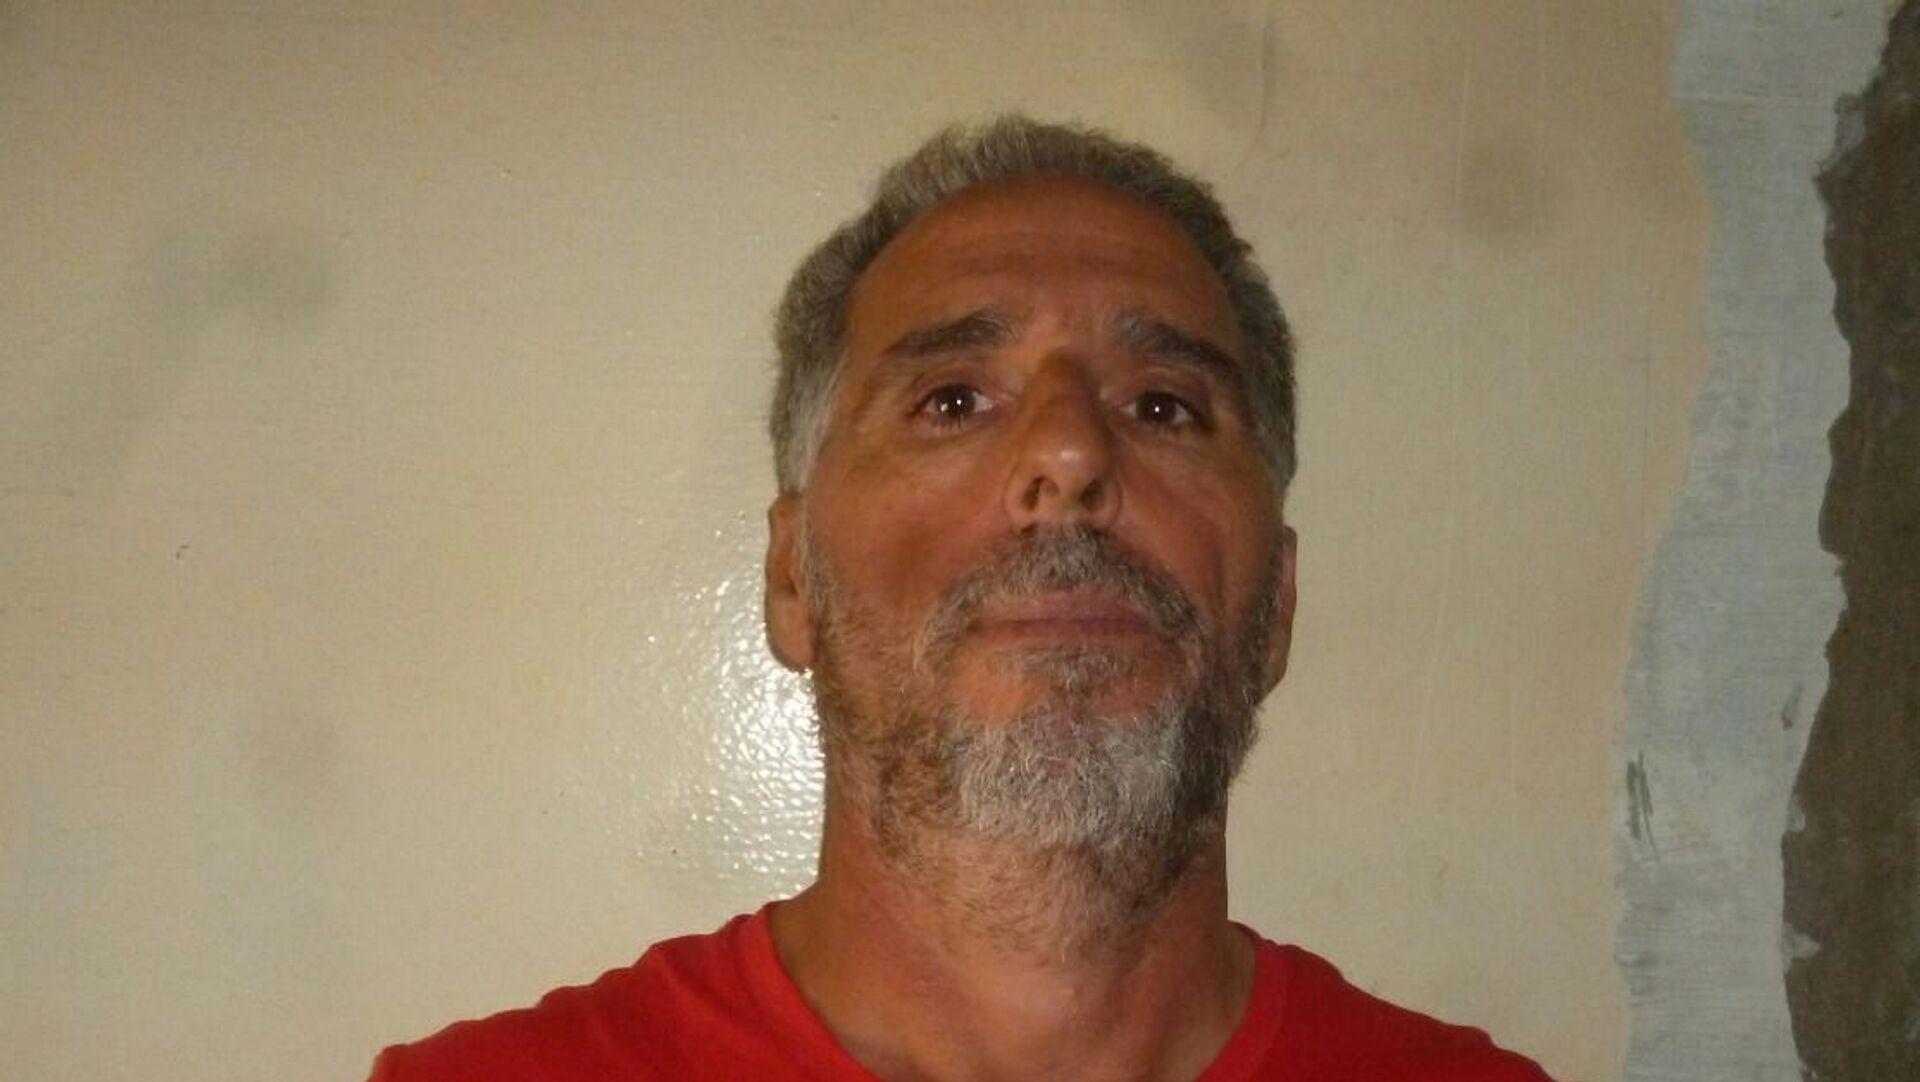 El italiano Rocco Morabito, prófugo de la Justicia italiana y fugado de una cárcel en Uruguay - Sputnik Mundo, 1920, 25.05.2021